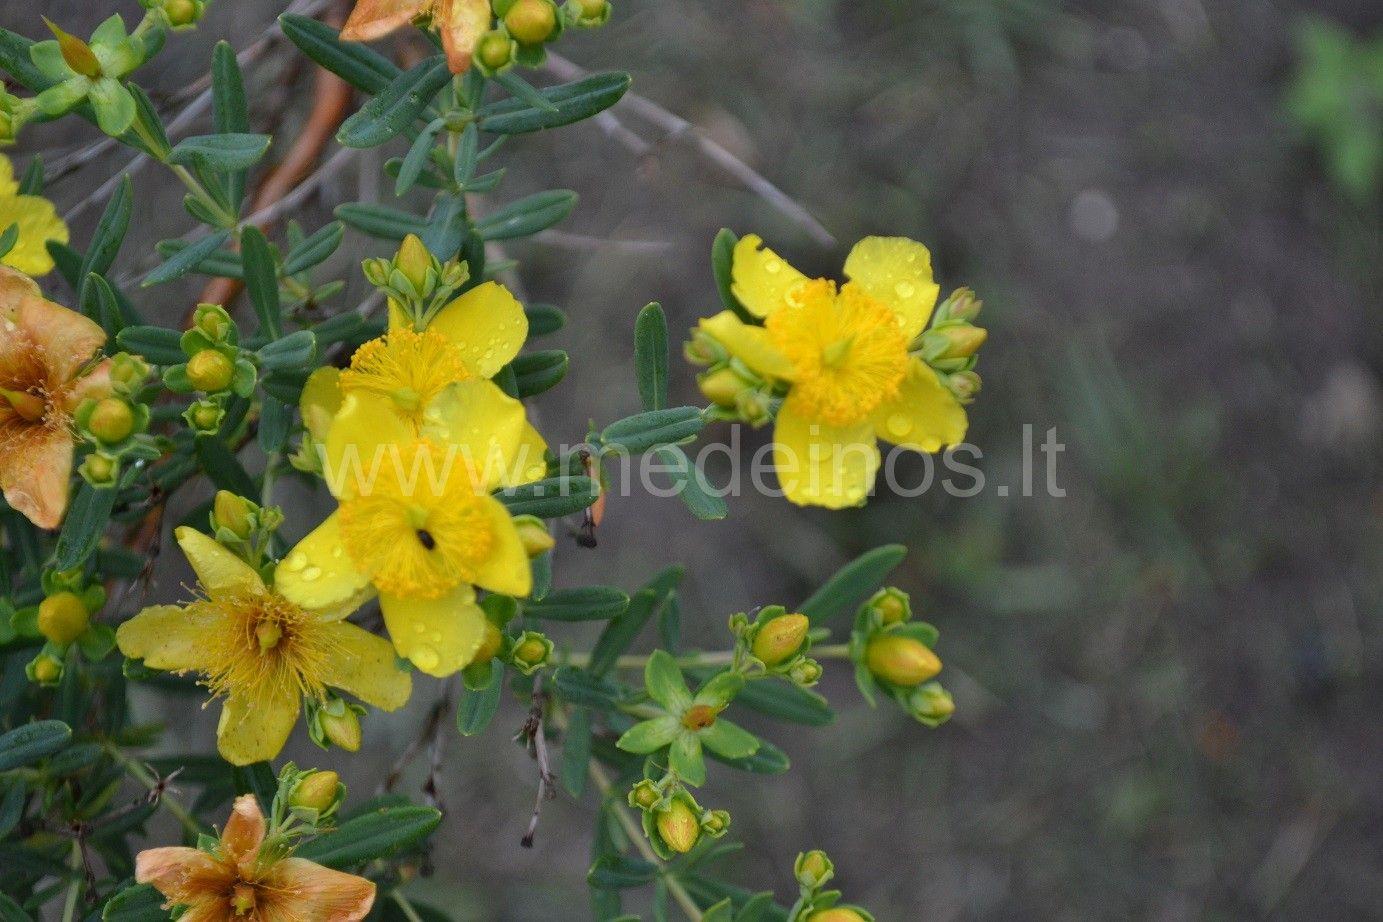 Jonažolė (Hypericum kouytchense)